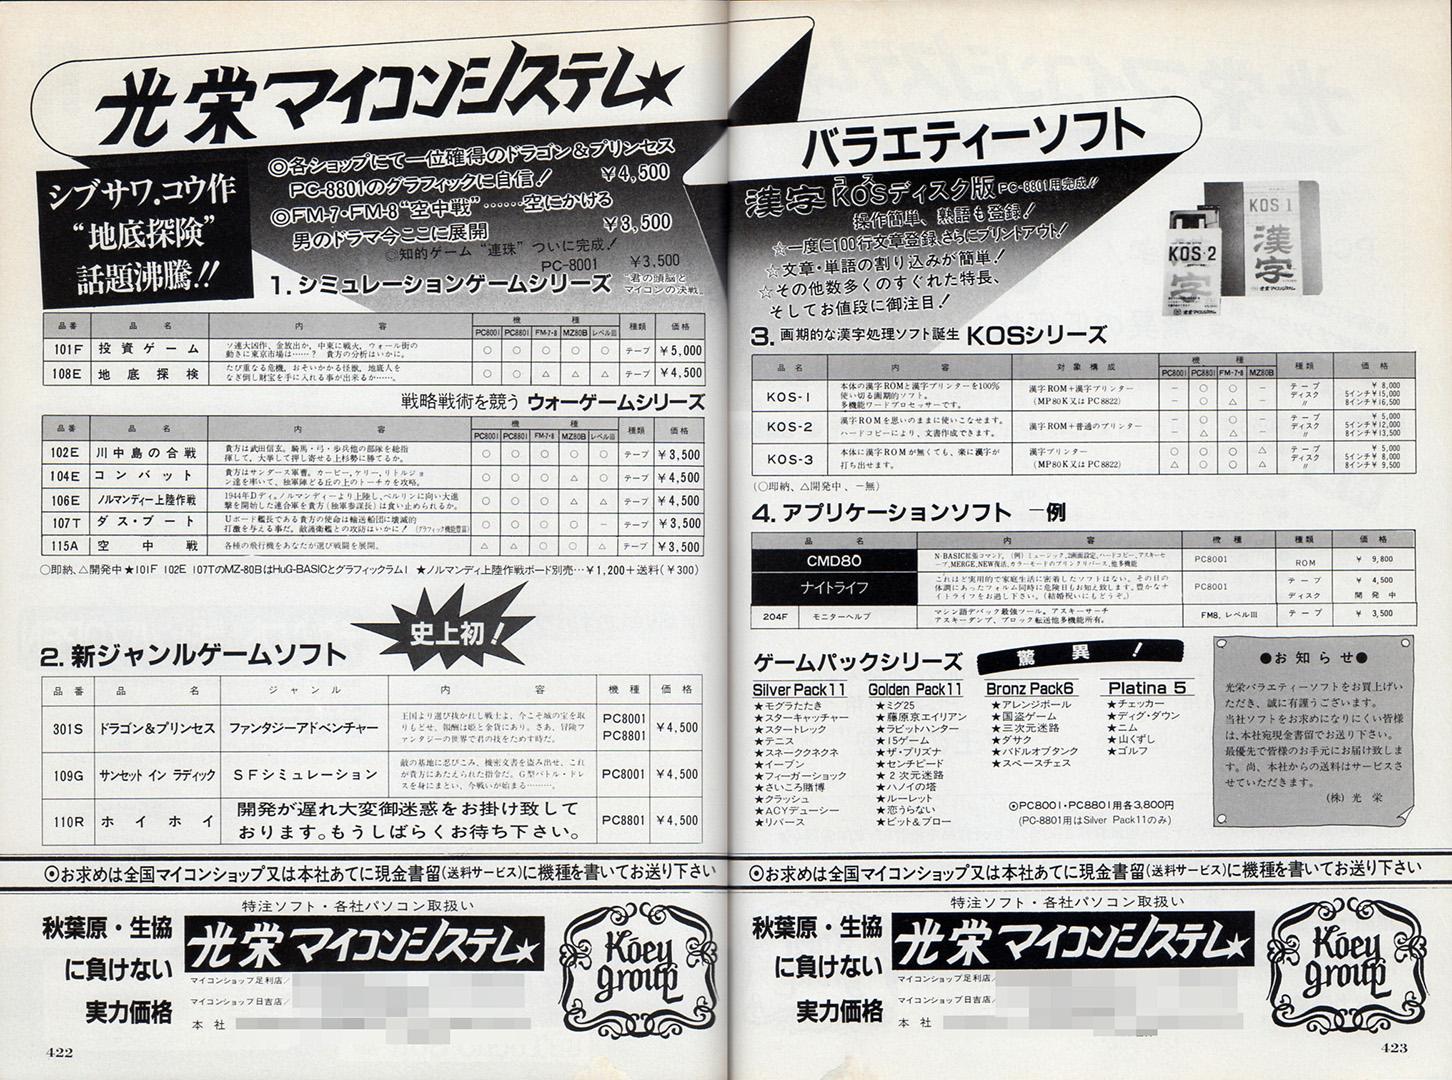 発売直後に掲載された広告と、その後の広告です。価格を見比べてもらうと分かりますが、最初は3,500円だったものの、後に4,500円へと改訂されました。この時期は、第1回北関東マイコンショーを光栄マイコンシステムが主催したり、足利コンピュータ学院を開講していたりと、ゲームソフト制作以外にも色々とやっていました。